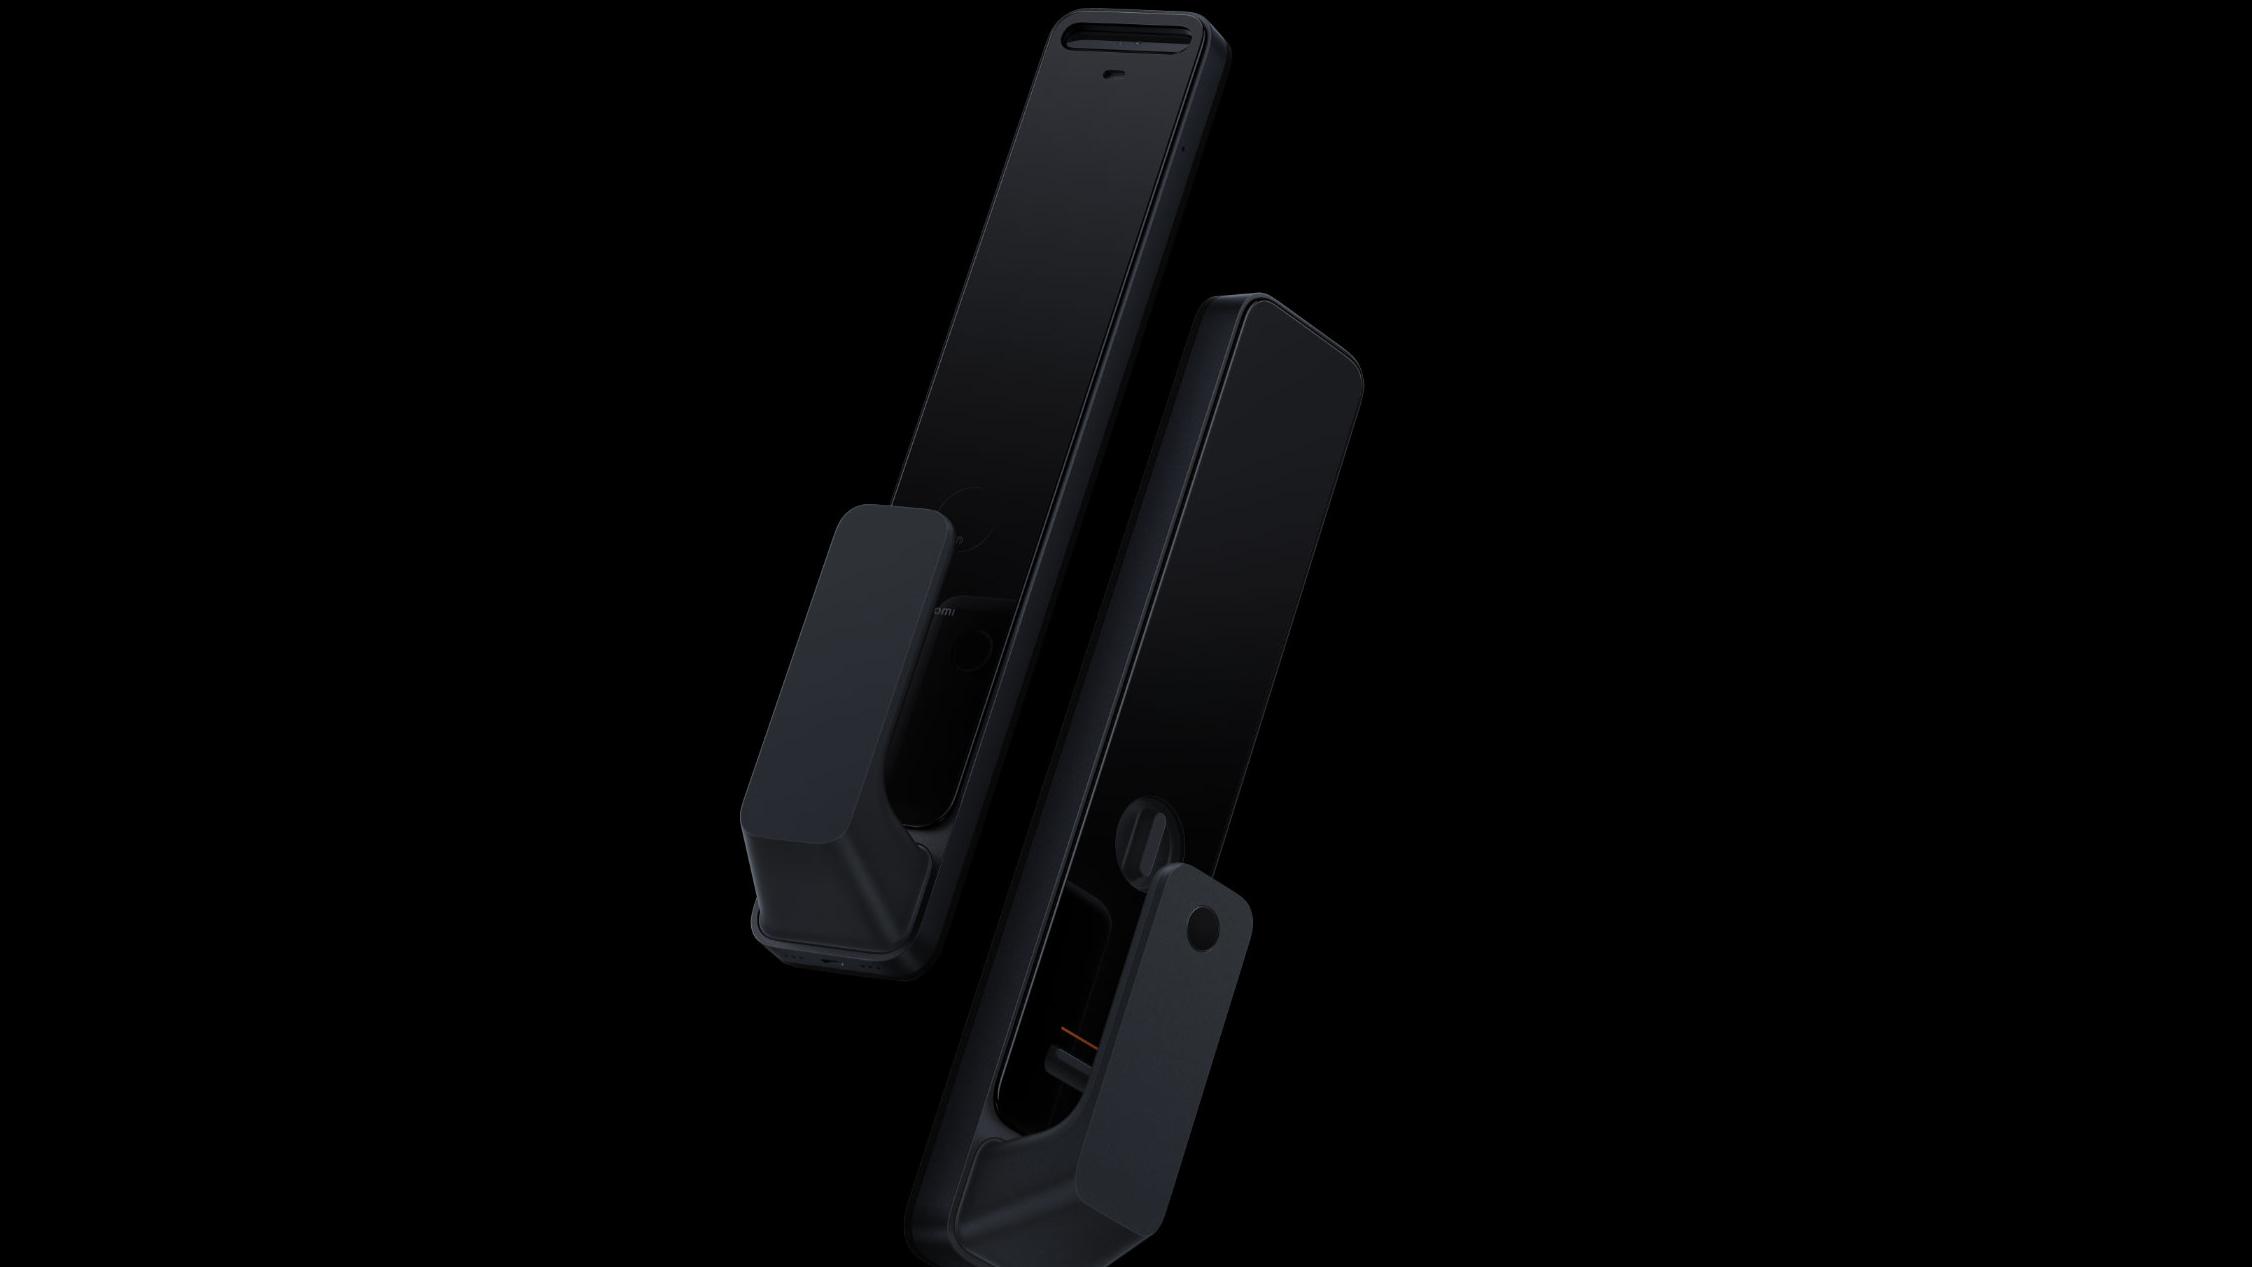 恒达登录测速金融级安全守护 小米人脸识别智能门锁 X 预售价2999元